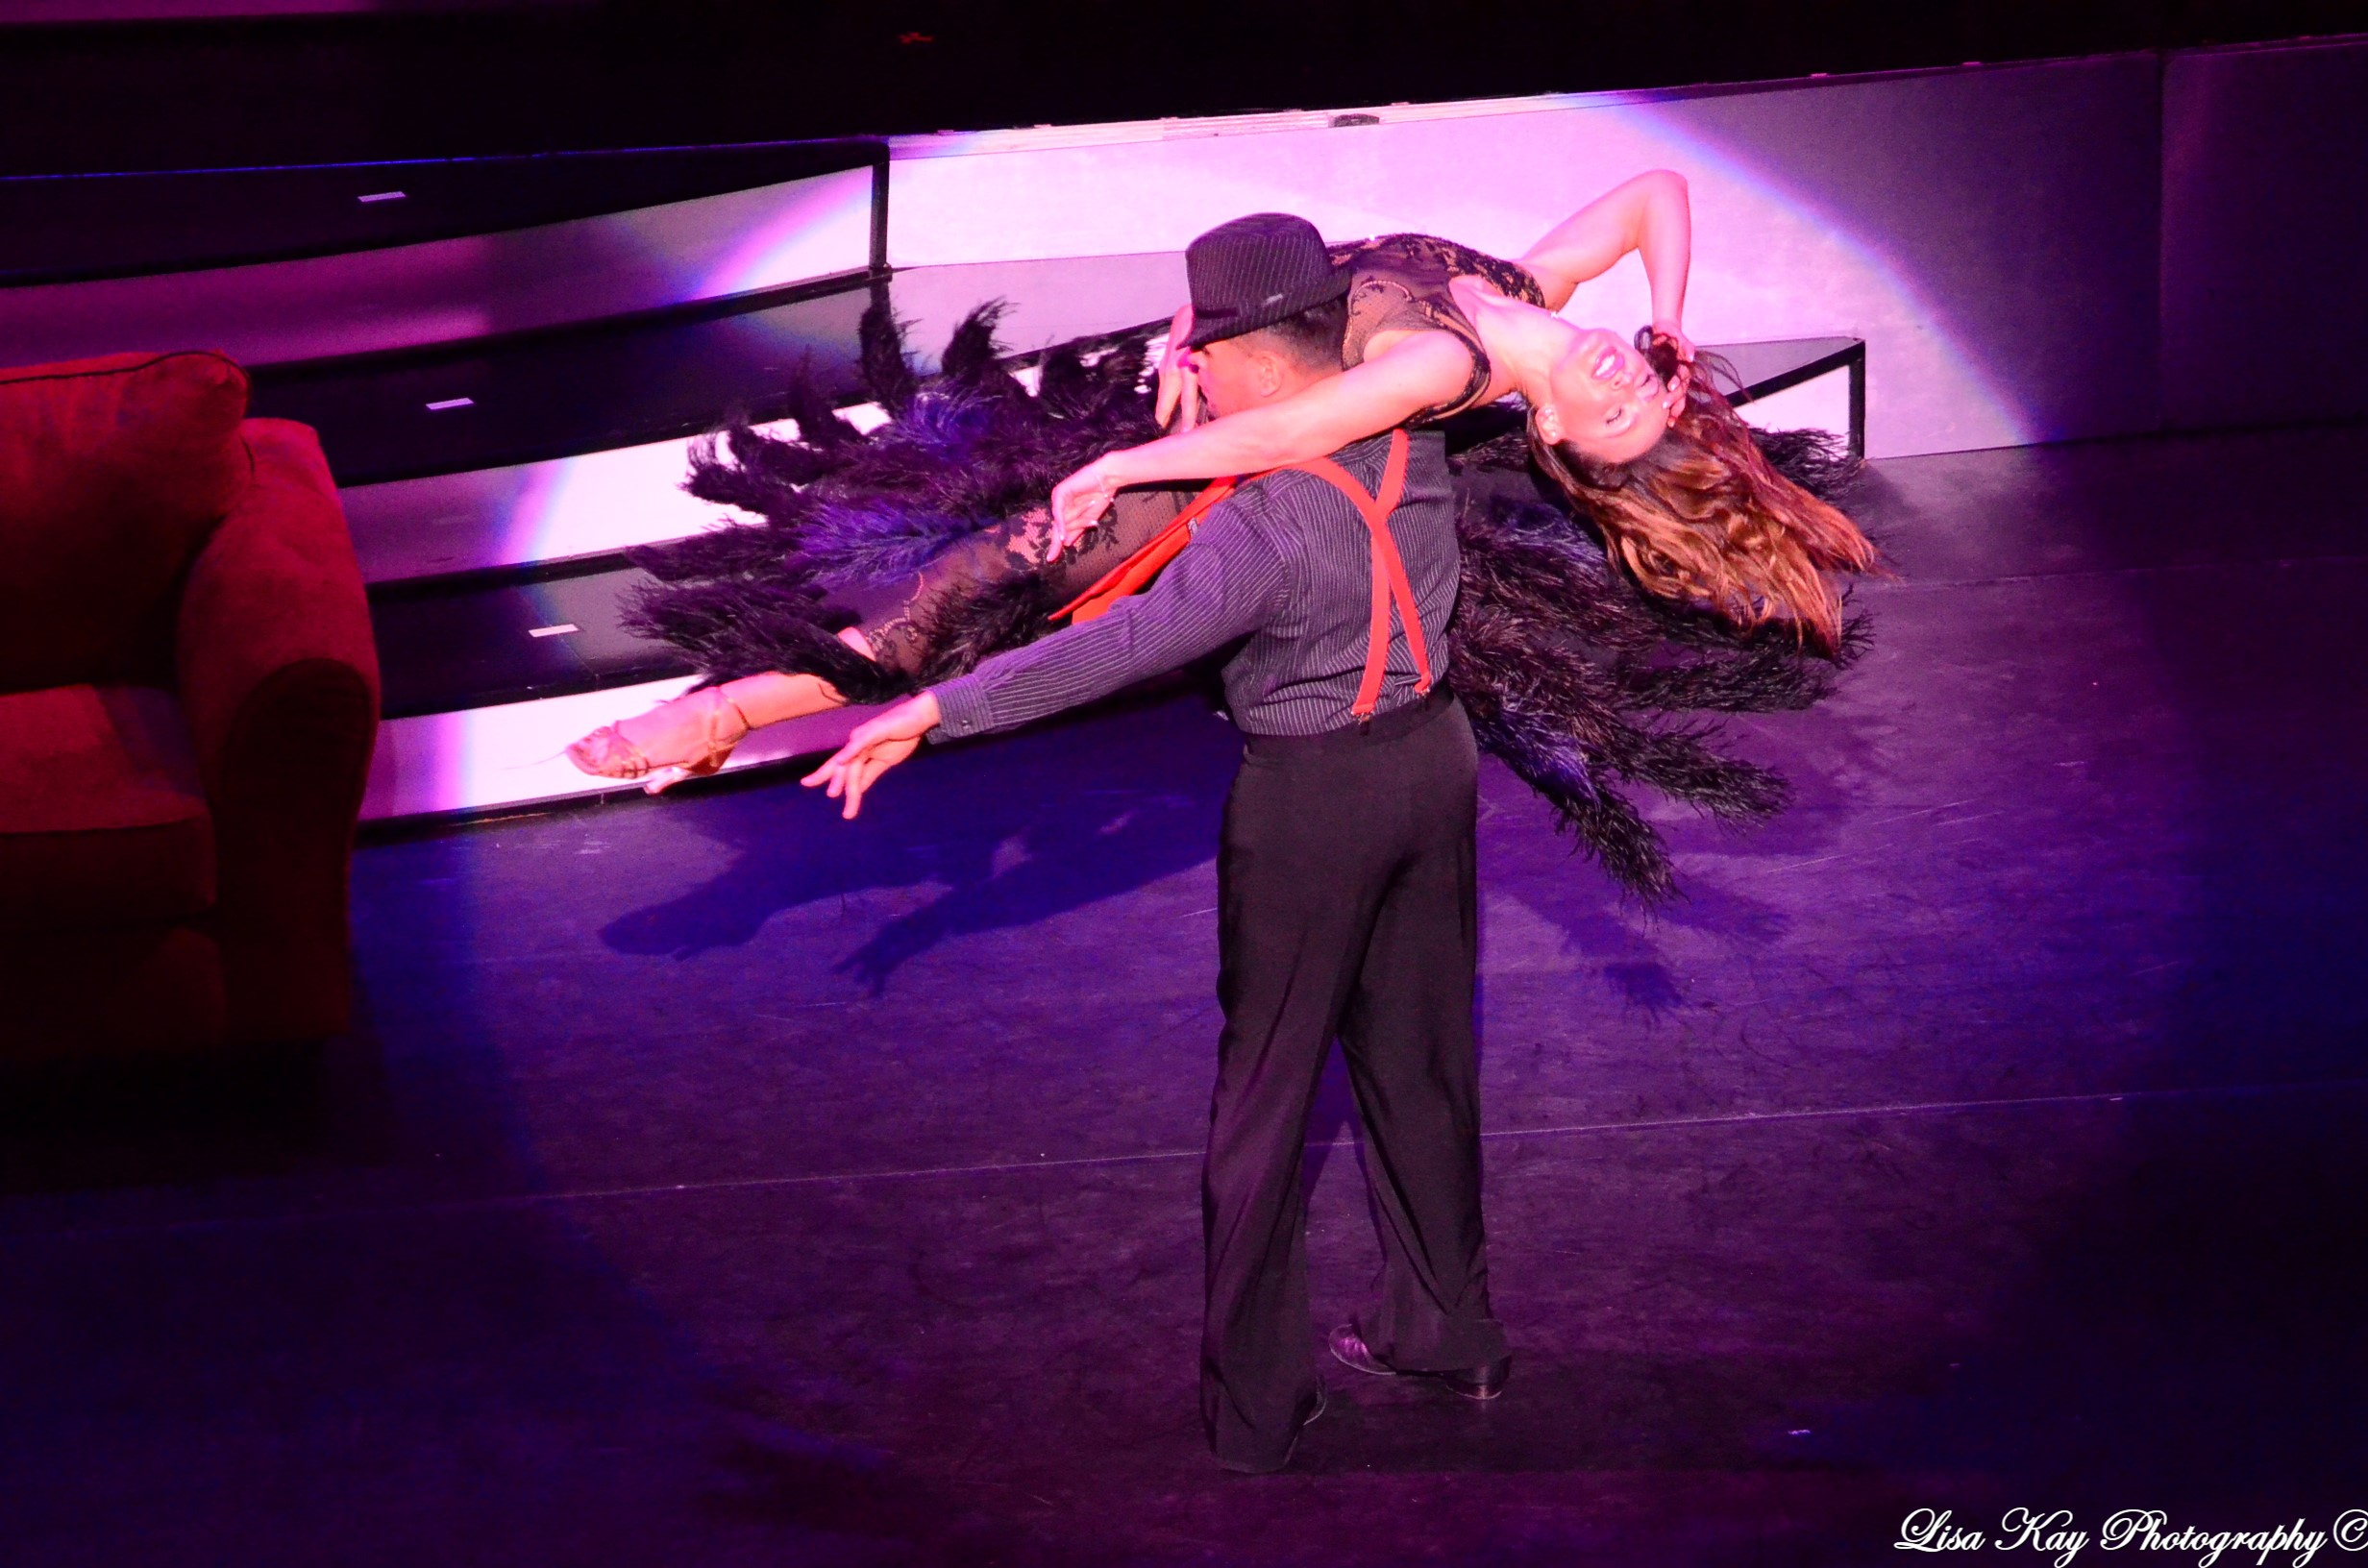 DancingProsLive 1592